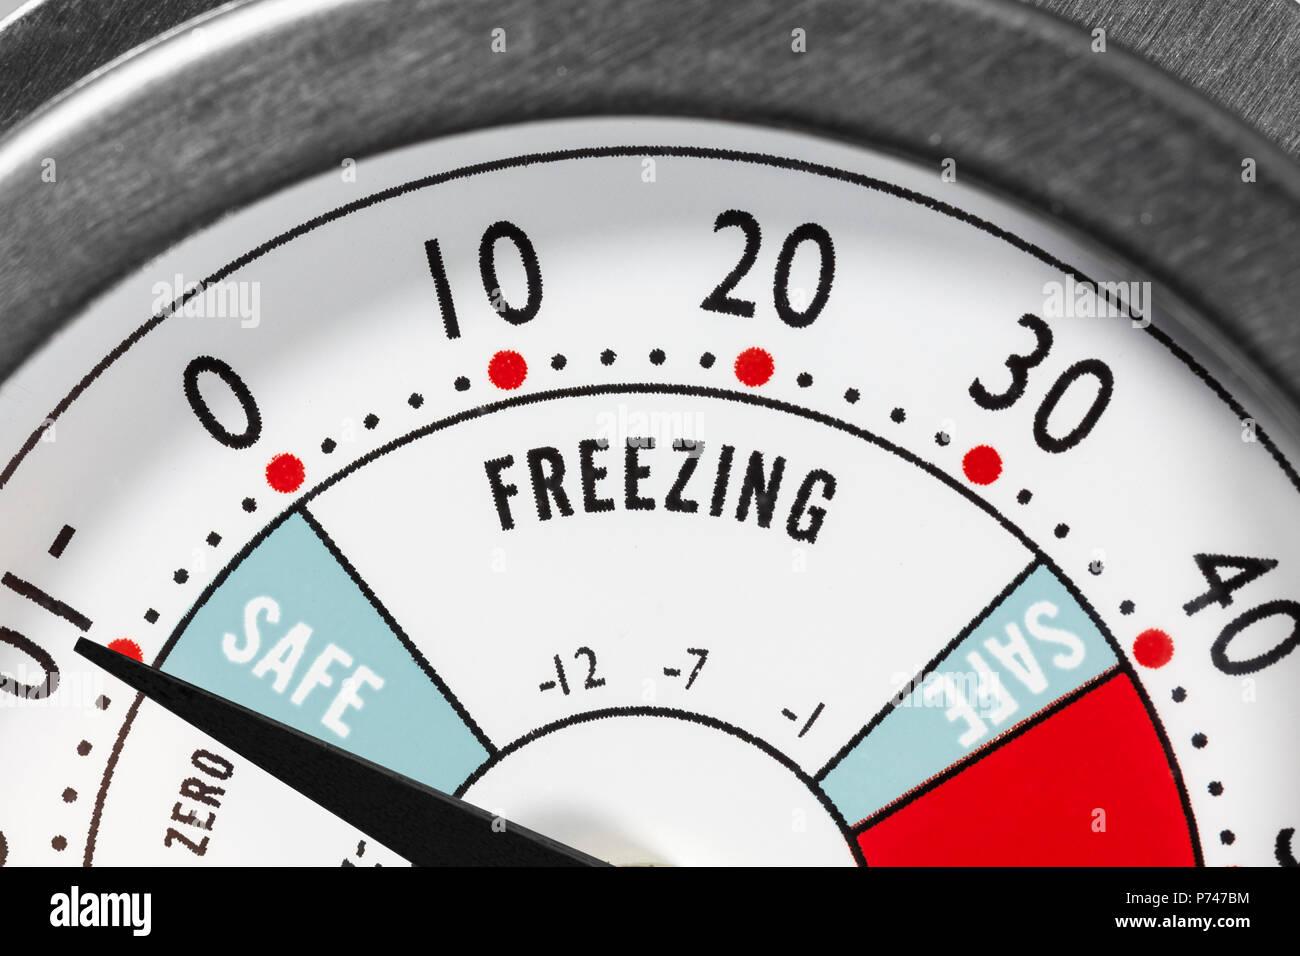 Kühlschrankthermometer : Kühlschrankthermometer einfrieren bereich makro detail stockfoto